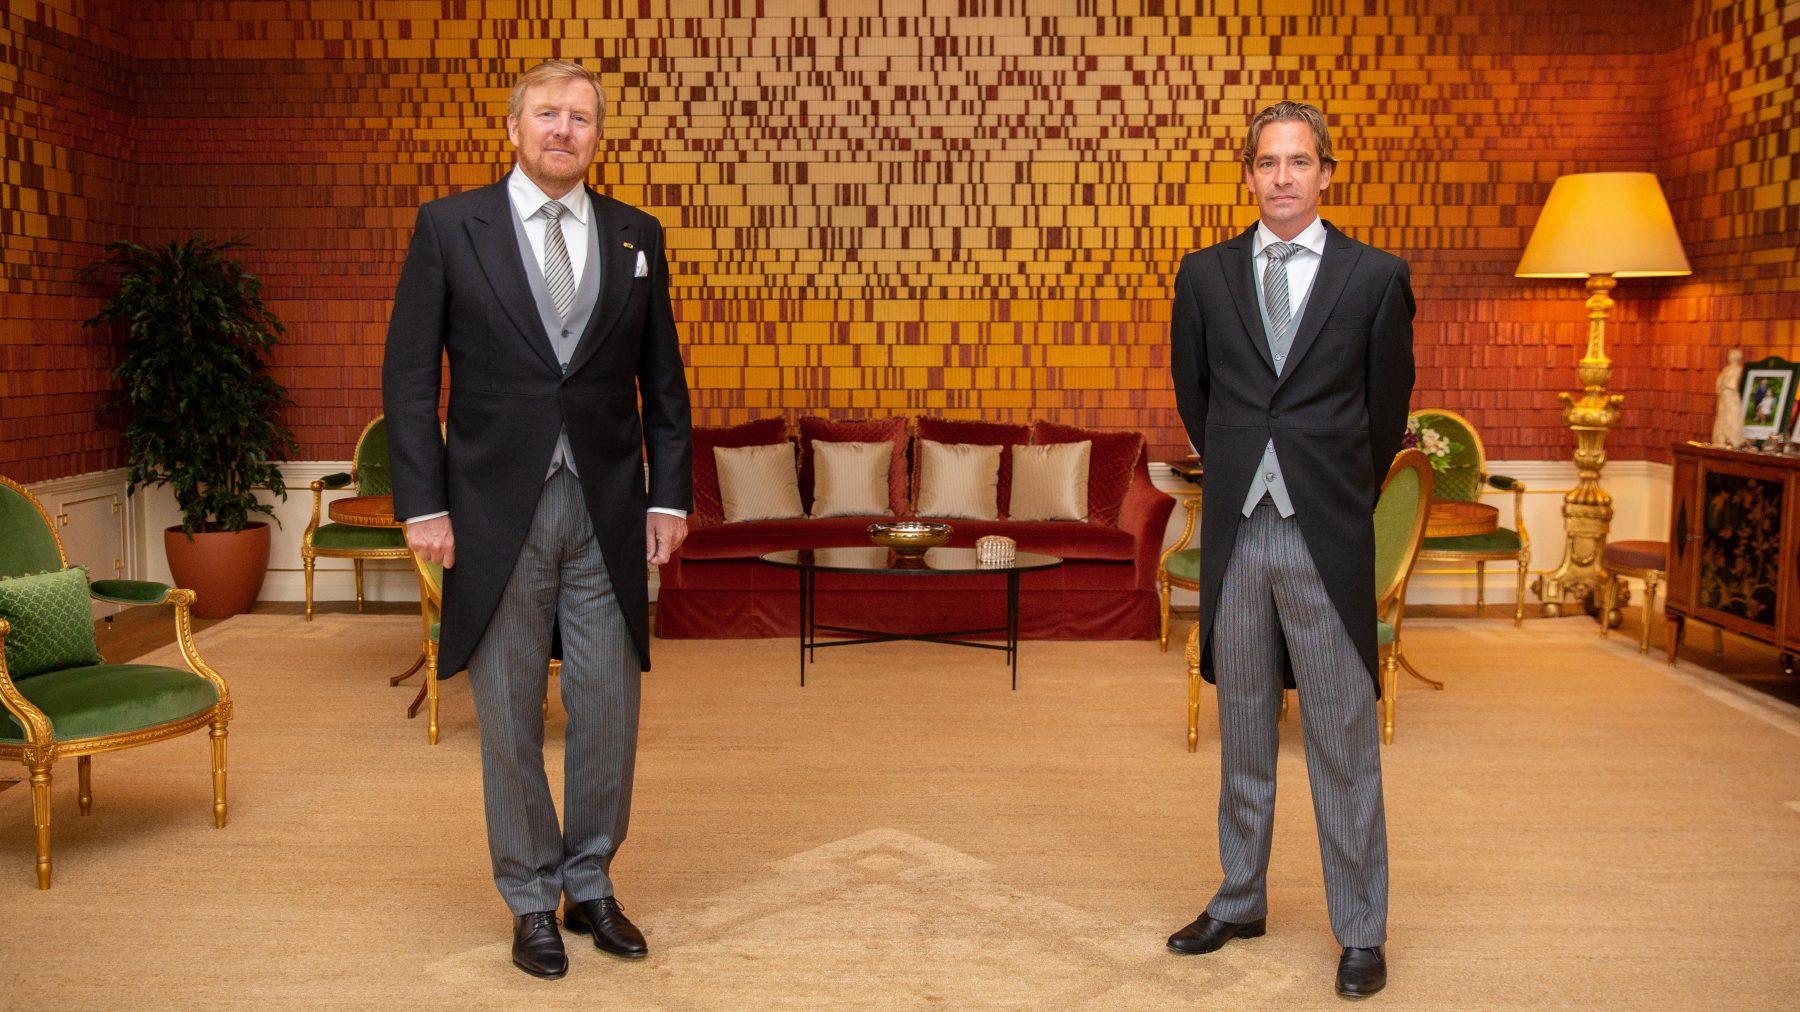 Benoemt door de Koning: Nieuwe minister Economische Zaken